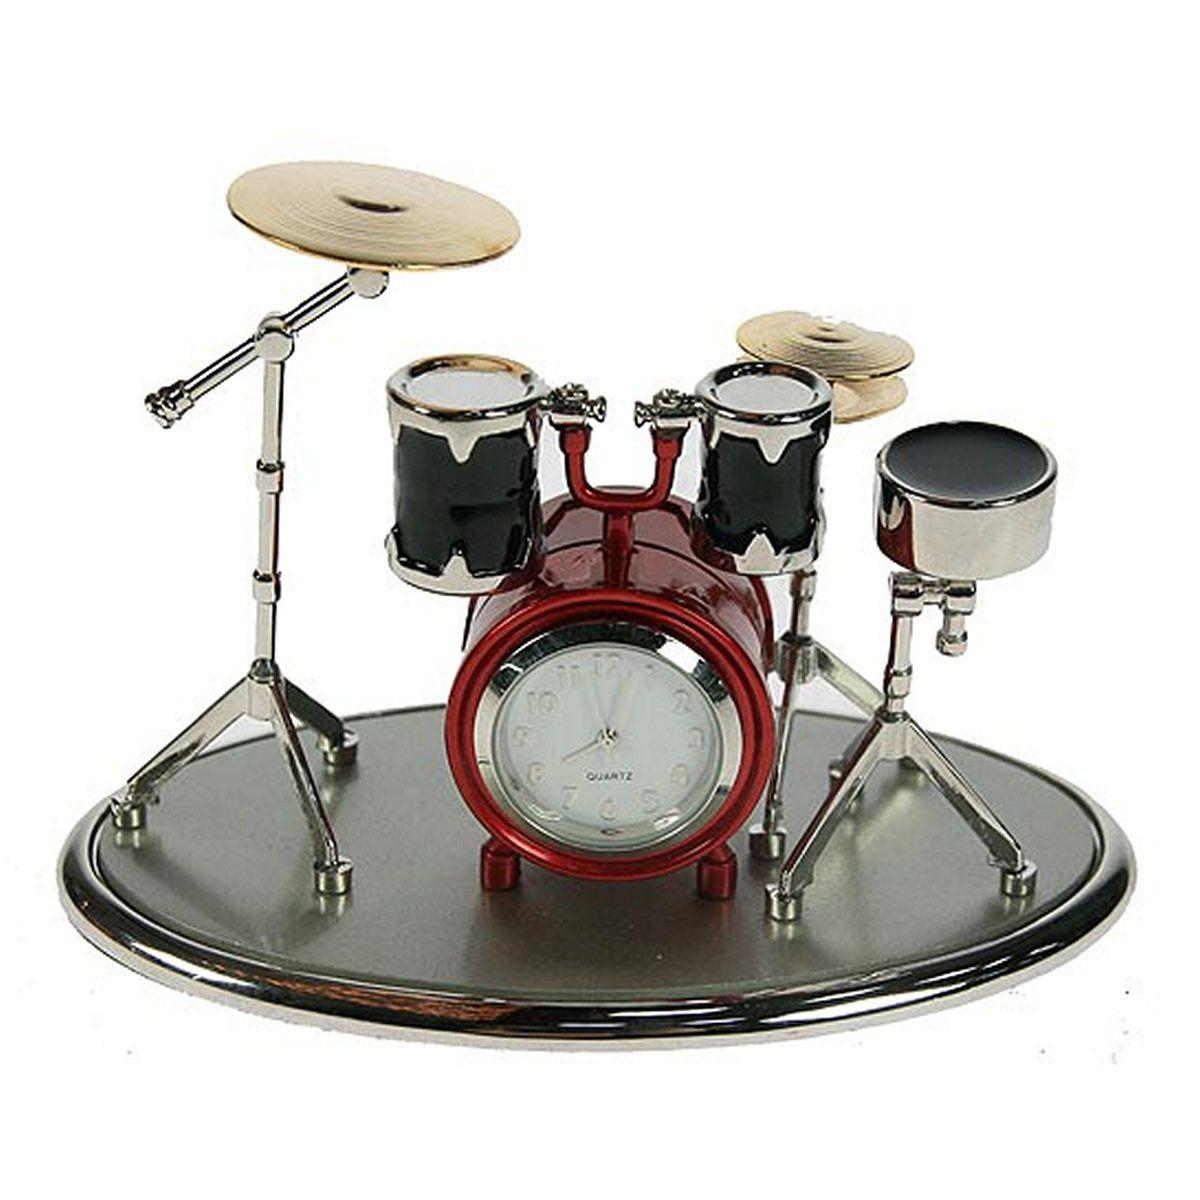 """Настольные кварцевые часы Русские Подарки """"Музыкальная группа"""" изготовлены из металла. Корпус оригинально оформлен в виде ударной установки. Часы имеют три стрелки - часовую, минутную и секундную.       Такие часы украсят интерьер дома или рабочий стол в офисе. Также часы могут стать уникальным, полезным подарком для родственников, коллег, знакомых и близких.   Часы работают от батареек типа SR626 (в комплект не входят)."""